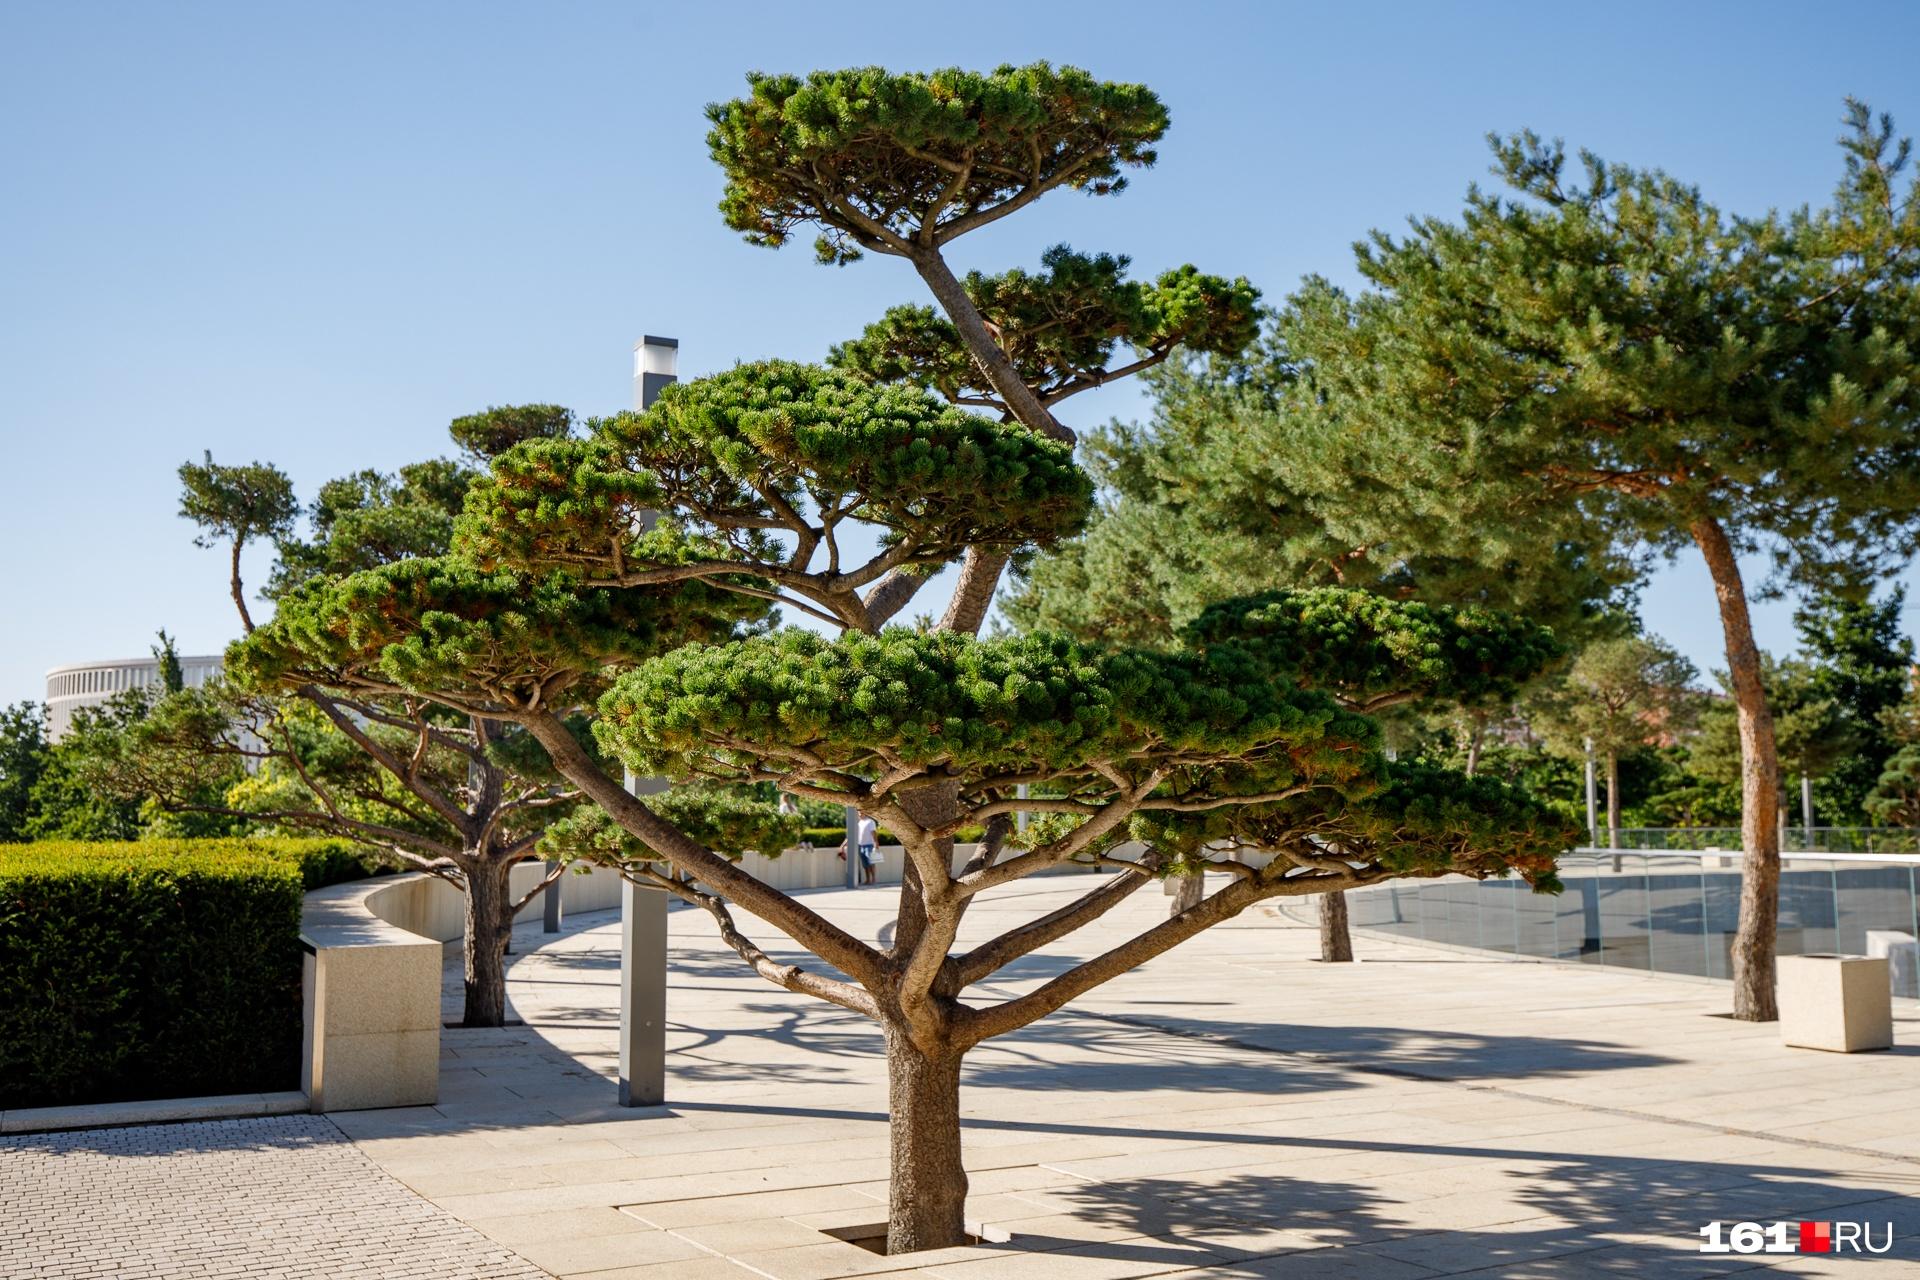 На сайте парка написано, что здесь высажено больше 2,5 тысячи деревьев<br>